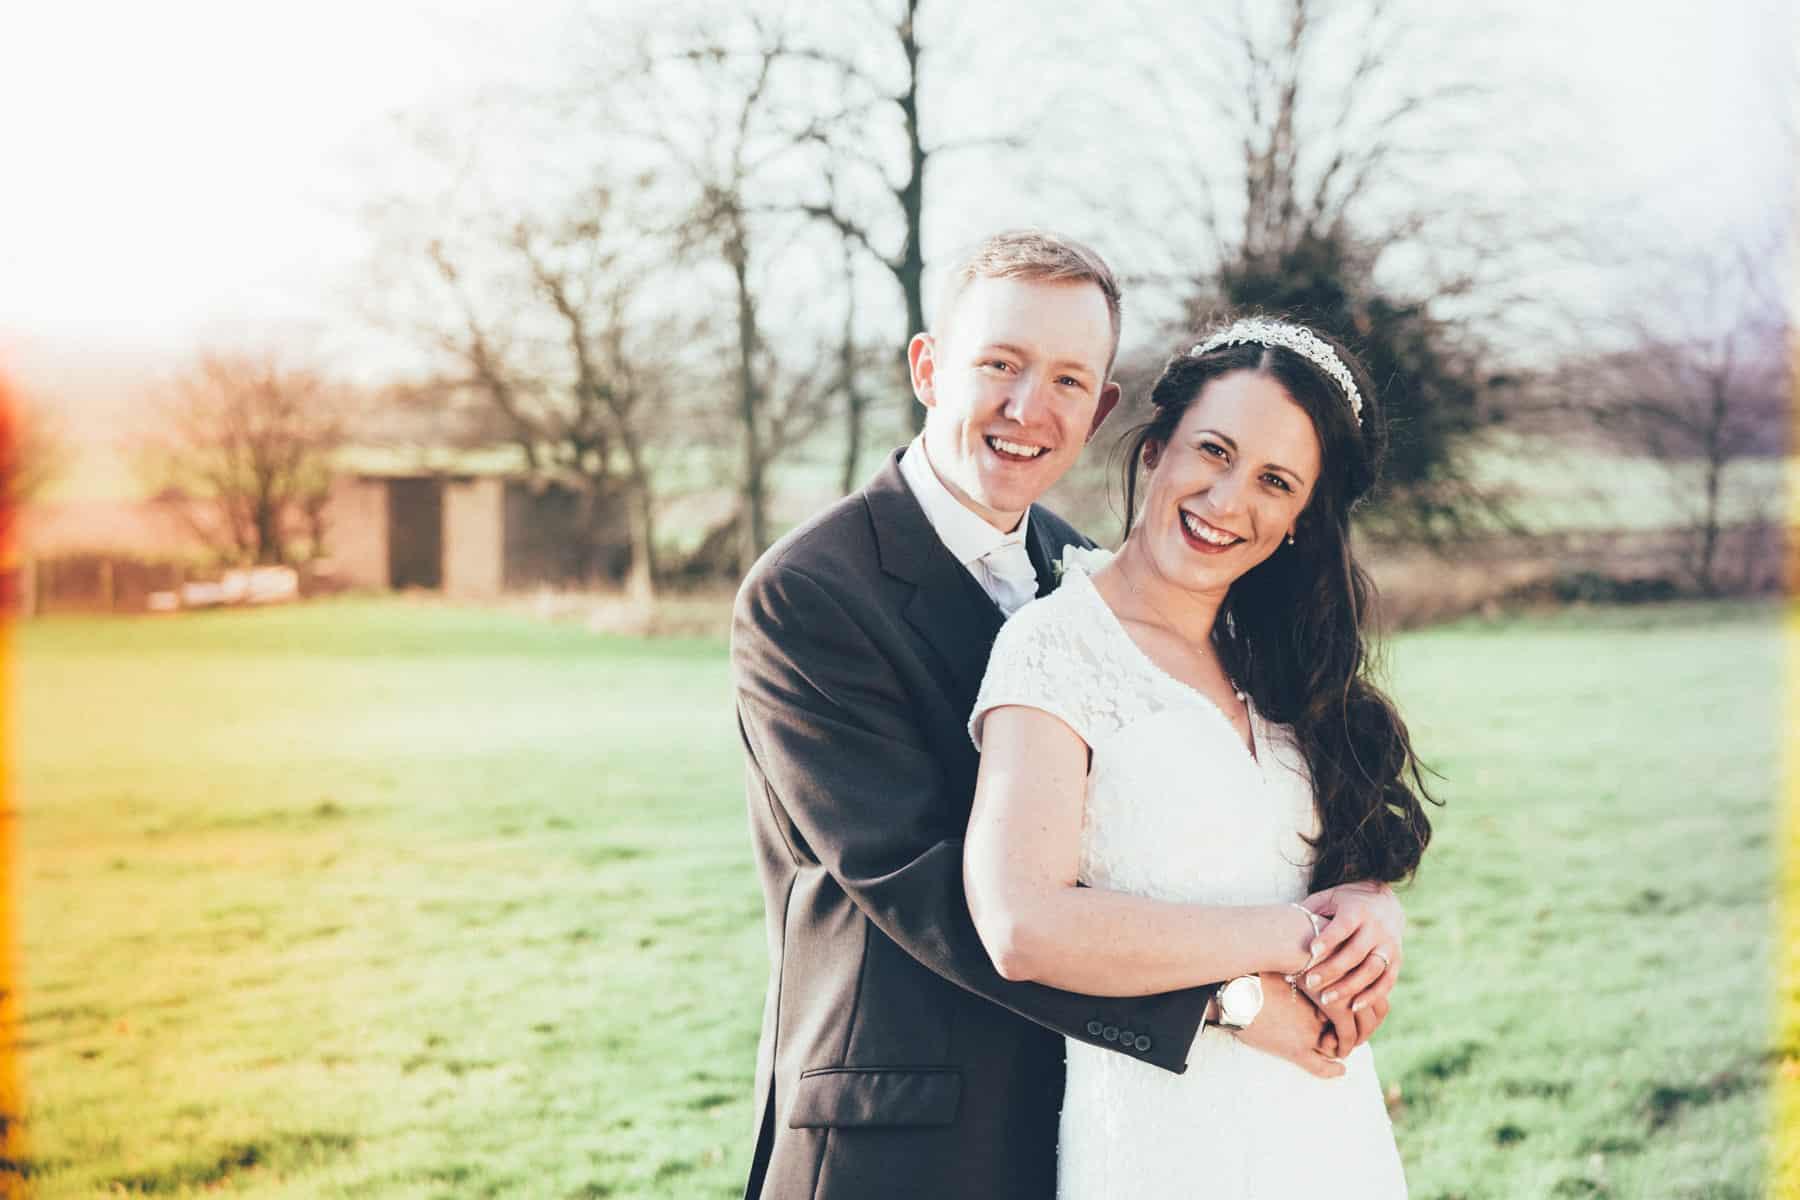 wedding photography bride groom portraits (1 of 1)